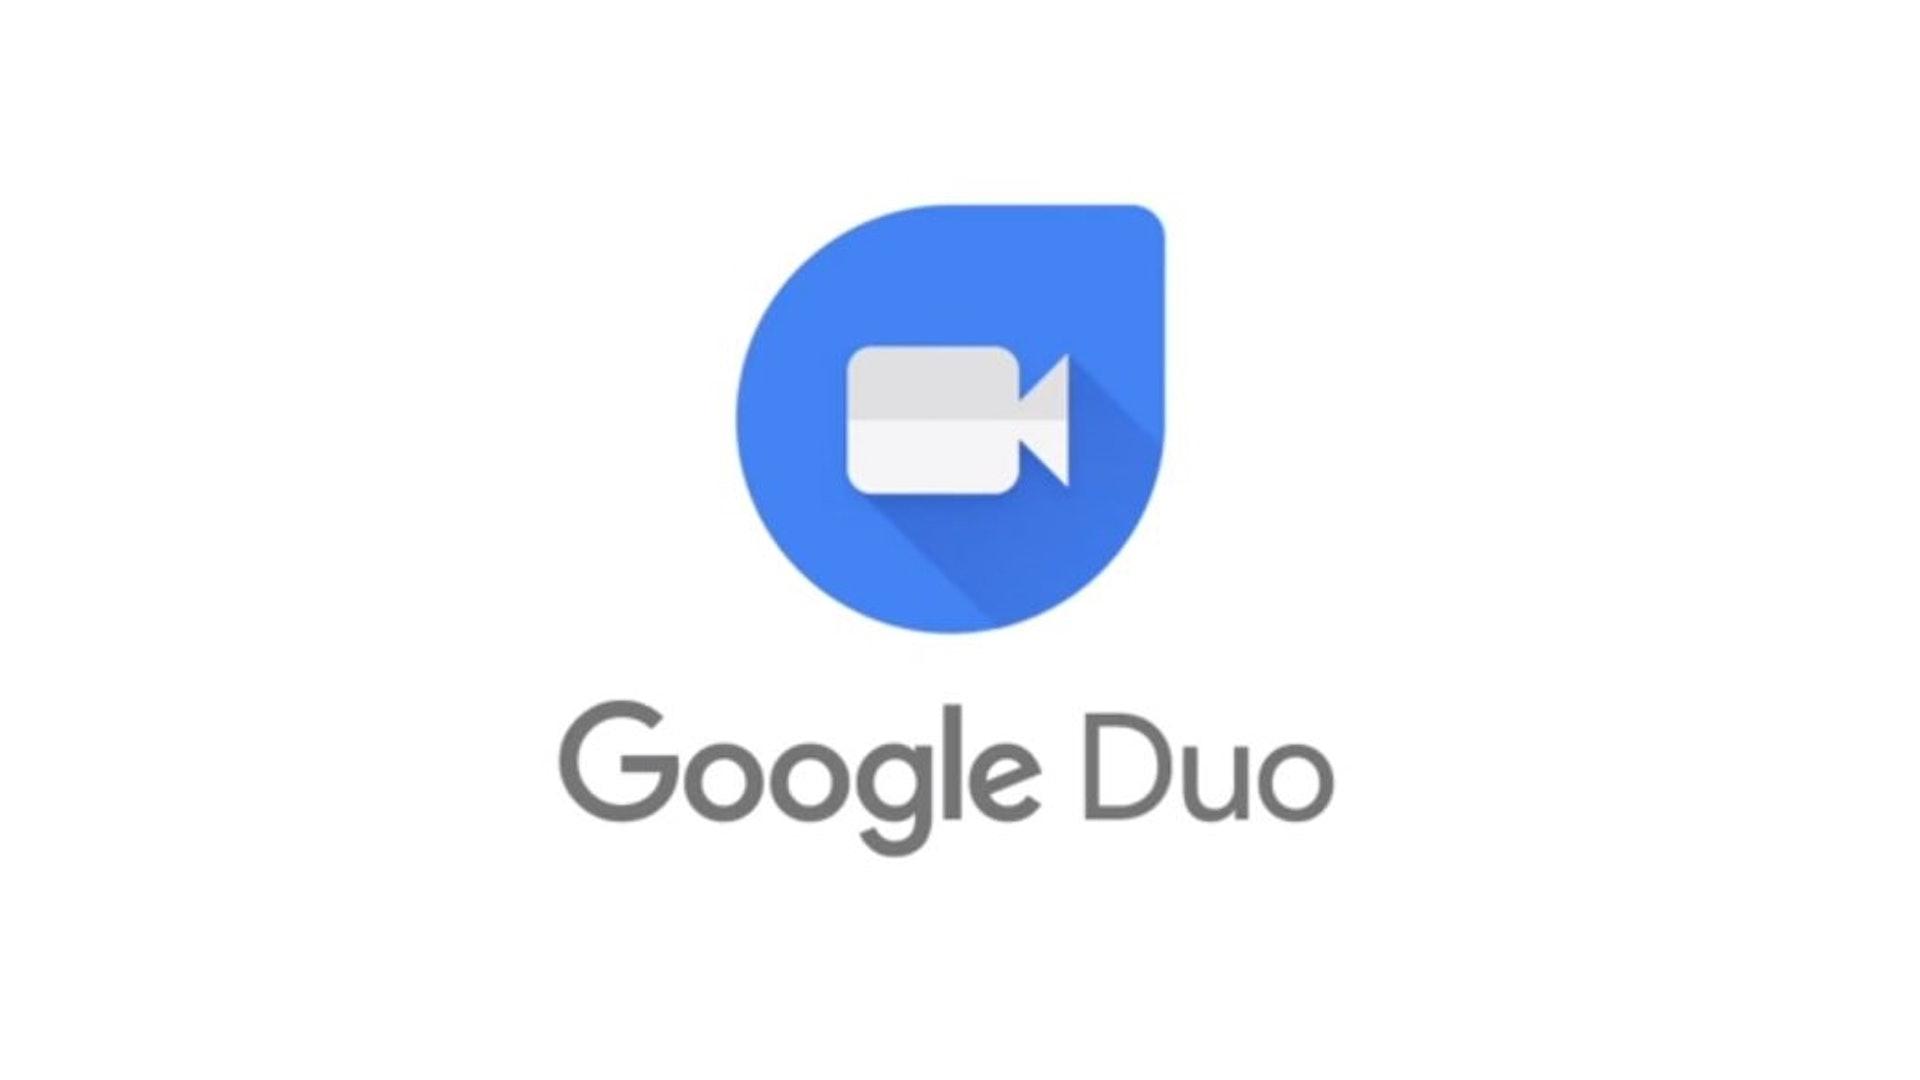 بهترین برنامه های برقراری تماس تصویری اندروید کدامند؟! گوگل دوو ، اسکایپ و زوم کلود میتینگ   رسانه چیکاو